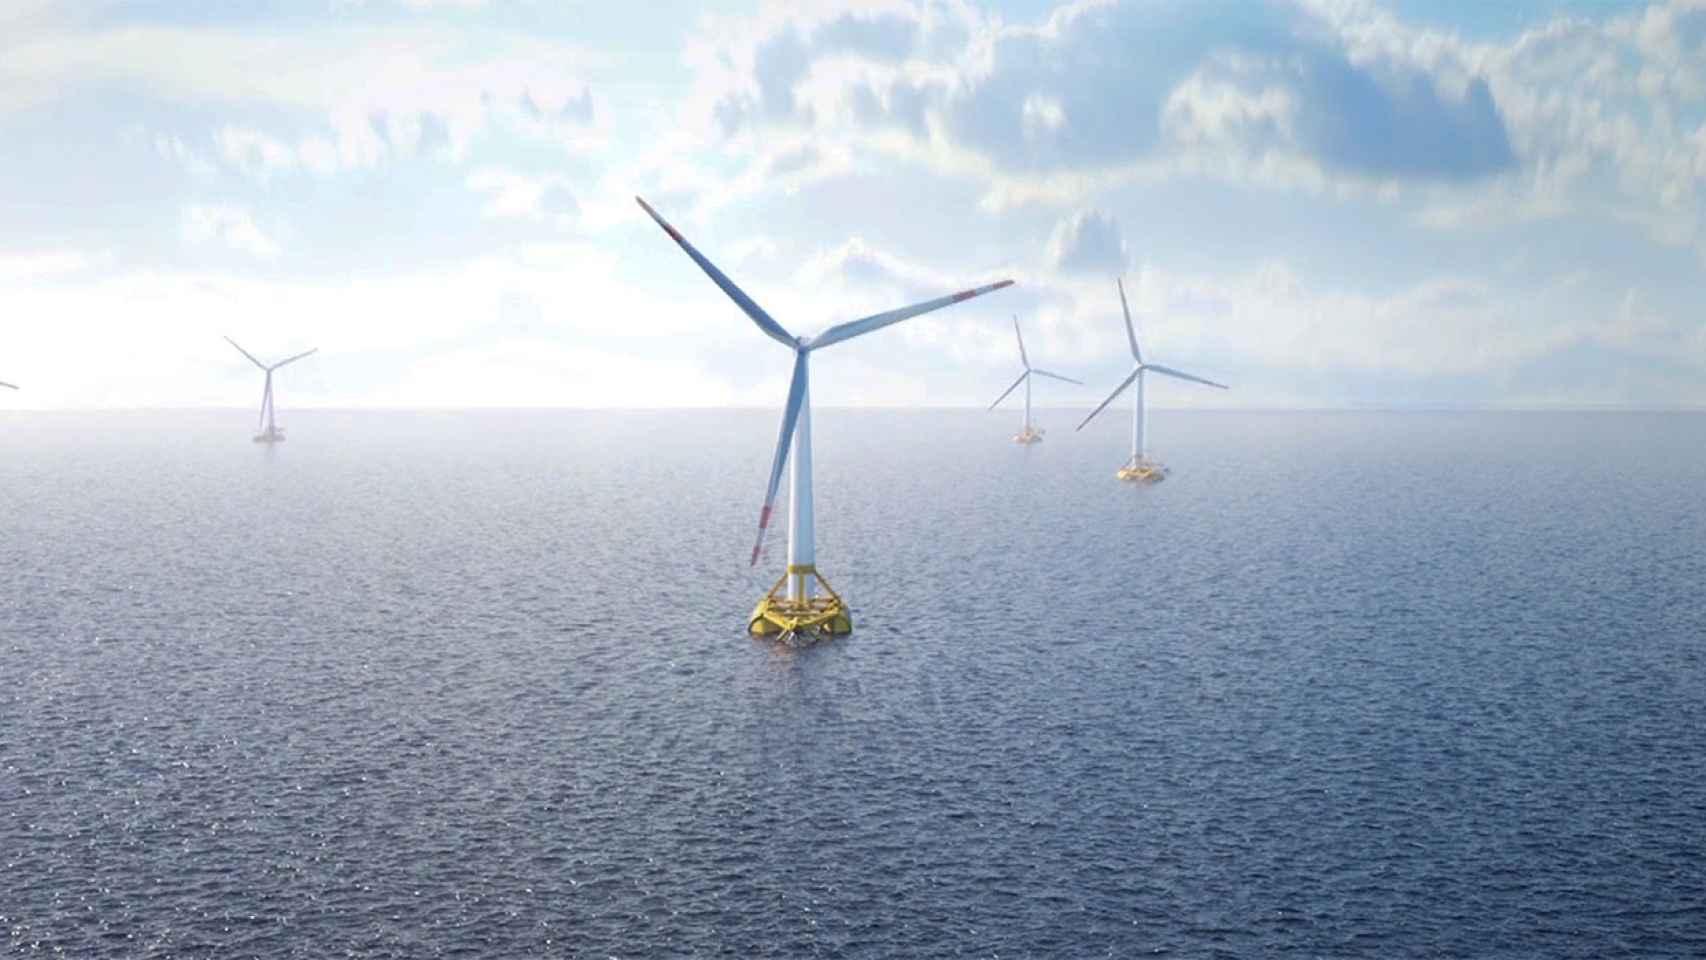 Saitec logra 2,4 millones de la Comisión Europea para acelerar su tecnología eólica marina flotante